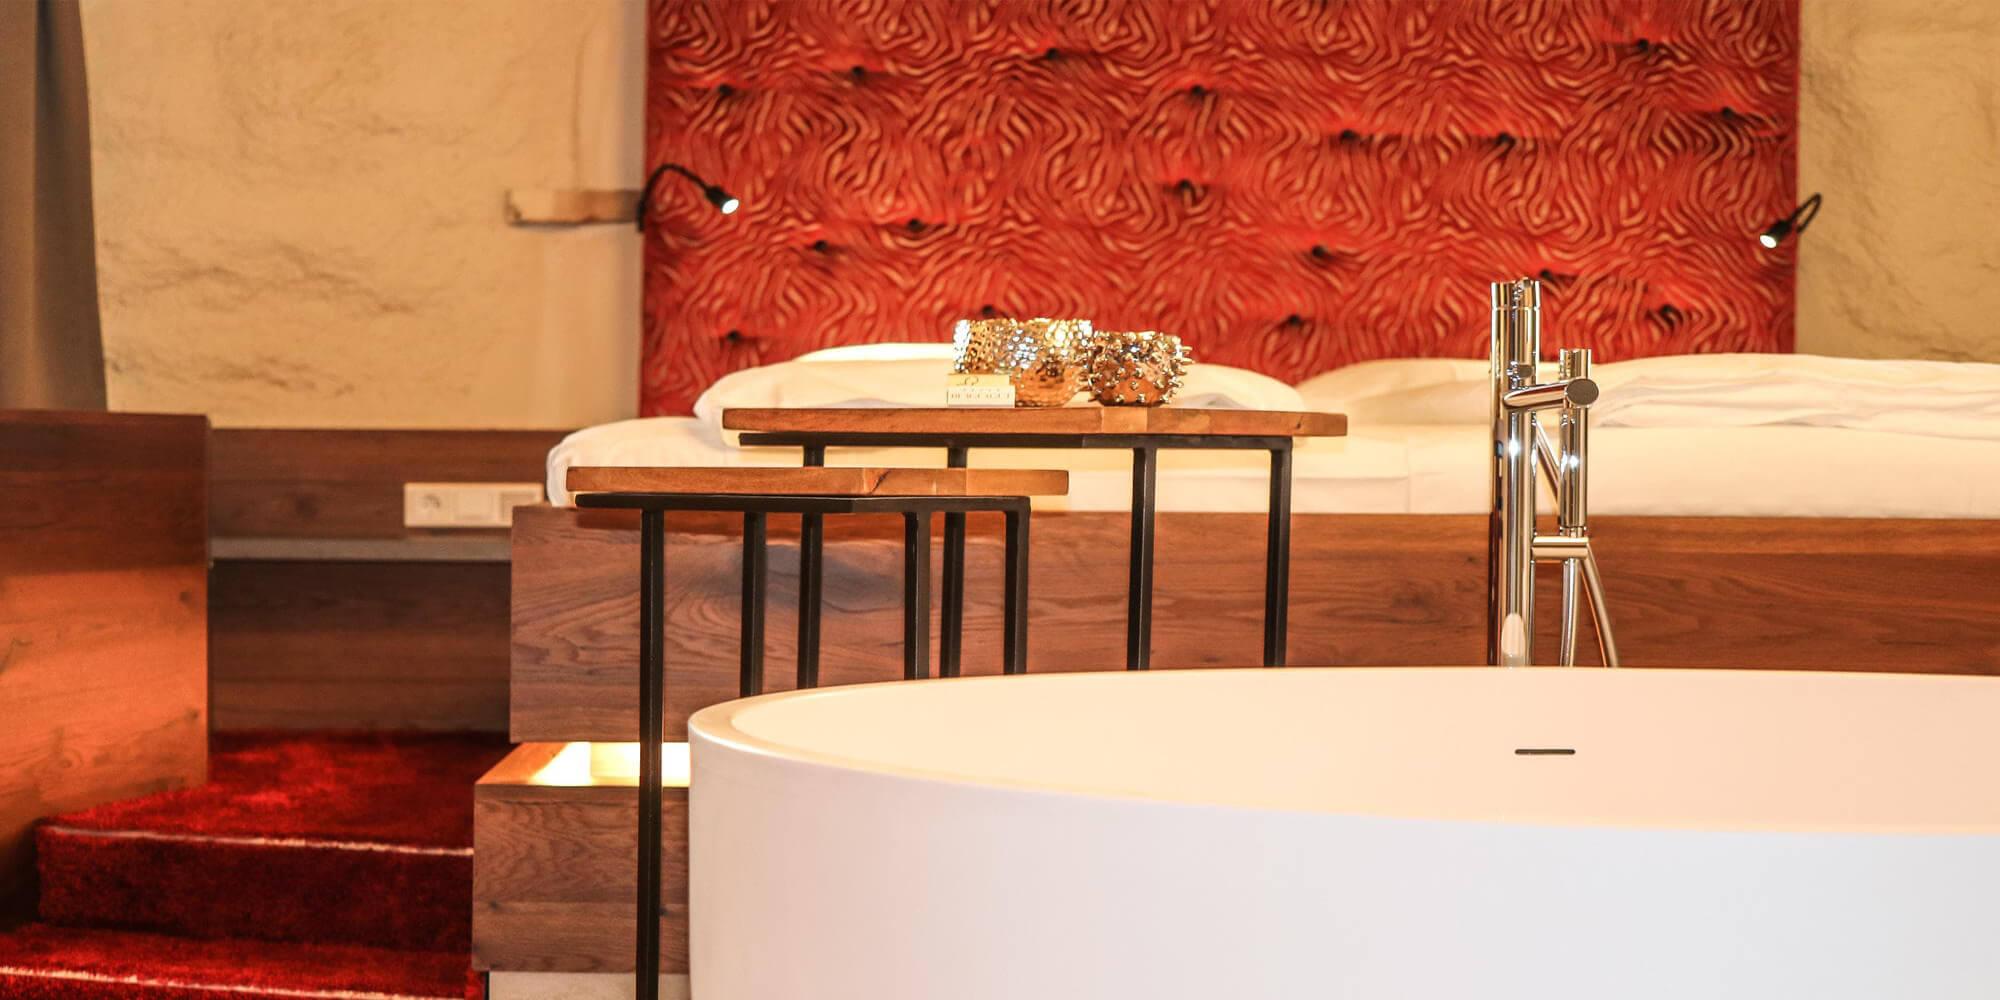 Crea-Plan-Design-Rauch-Frühmann-Architektur-Innenarchitektur-Design-Projekt-Referenz-Hotelerie-Gastronomie-Hotel-Bergergut-Zimmer-E